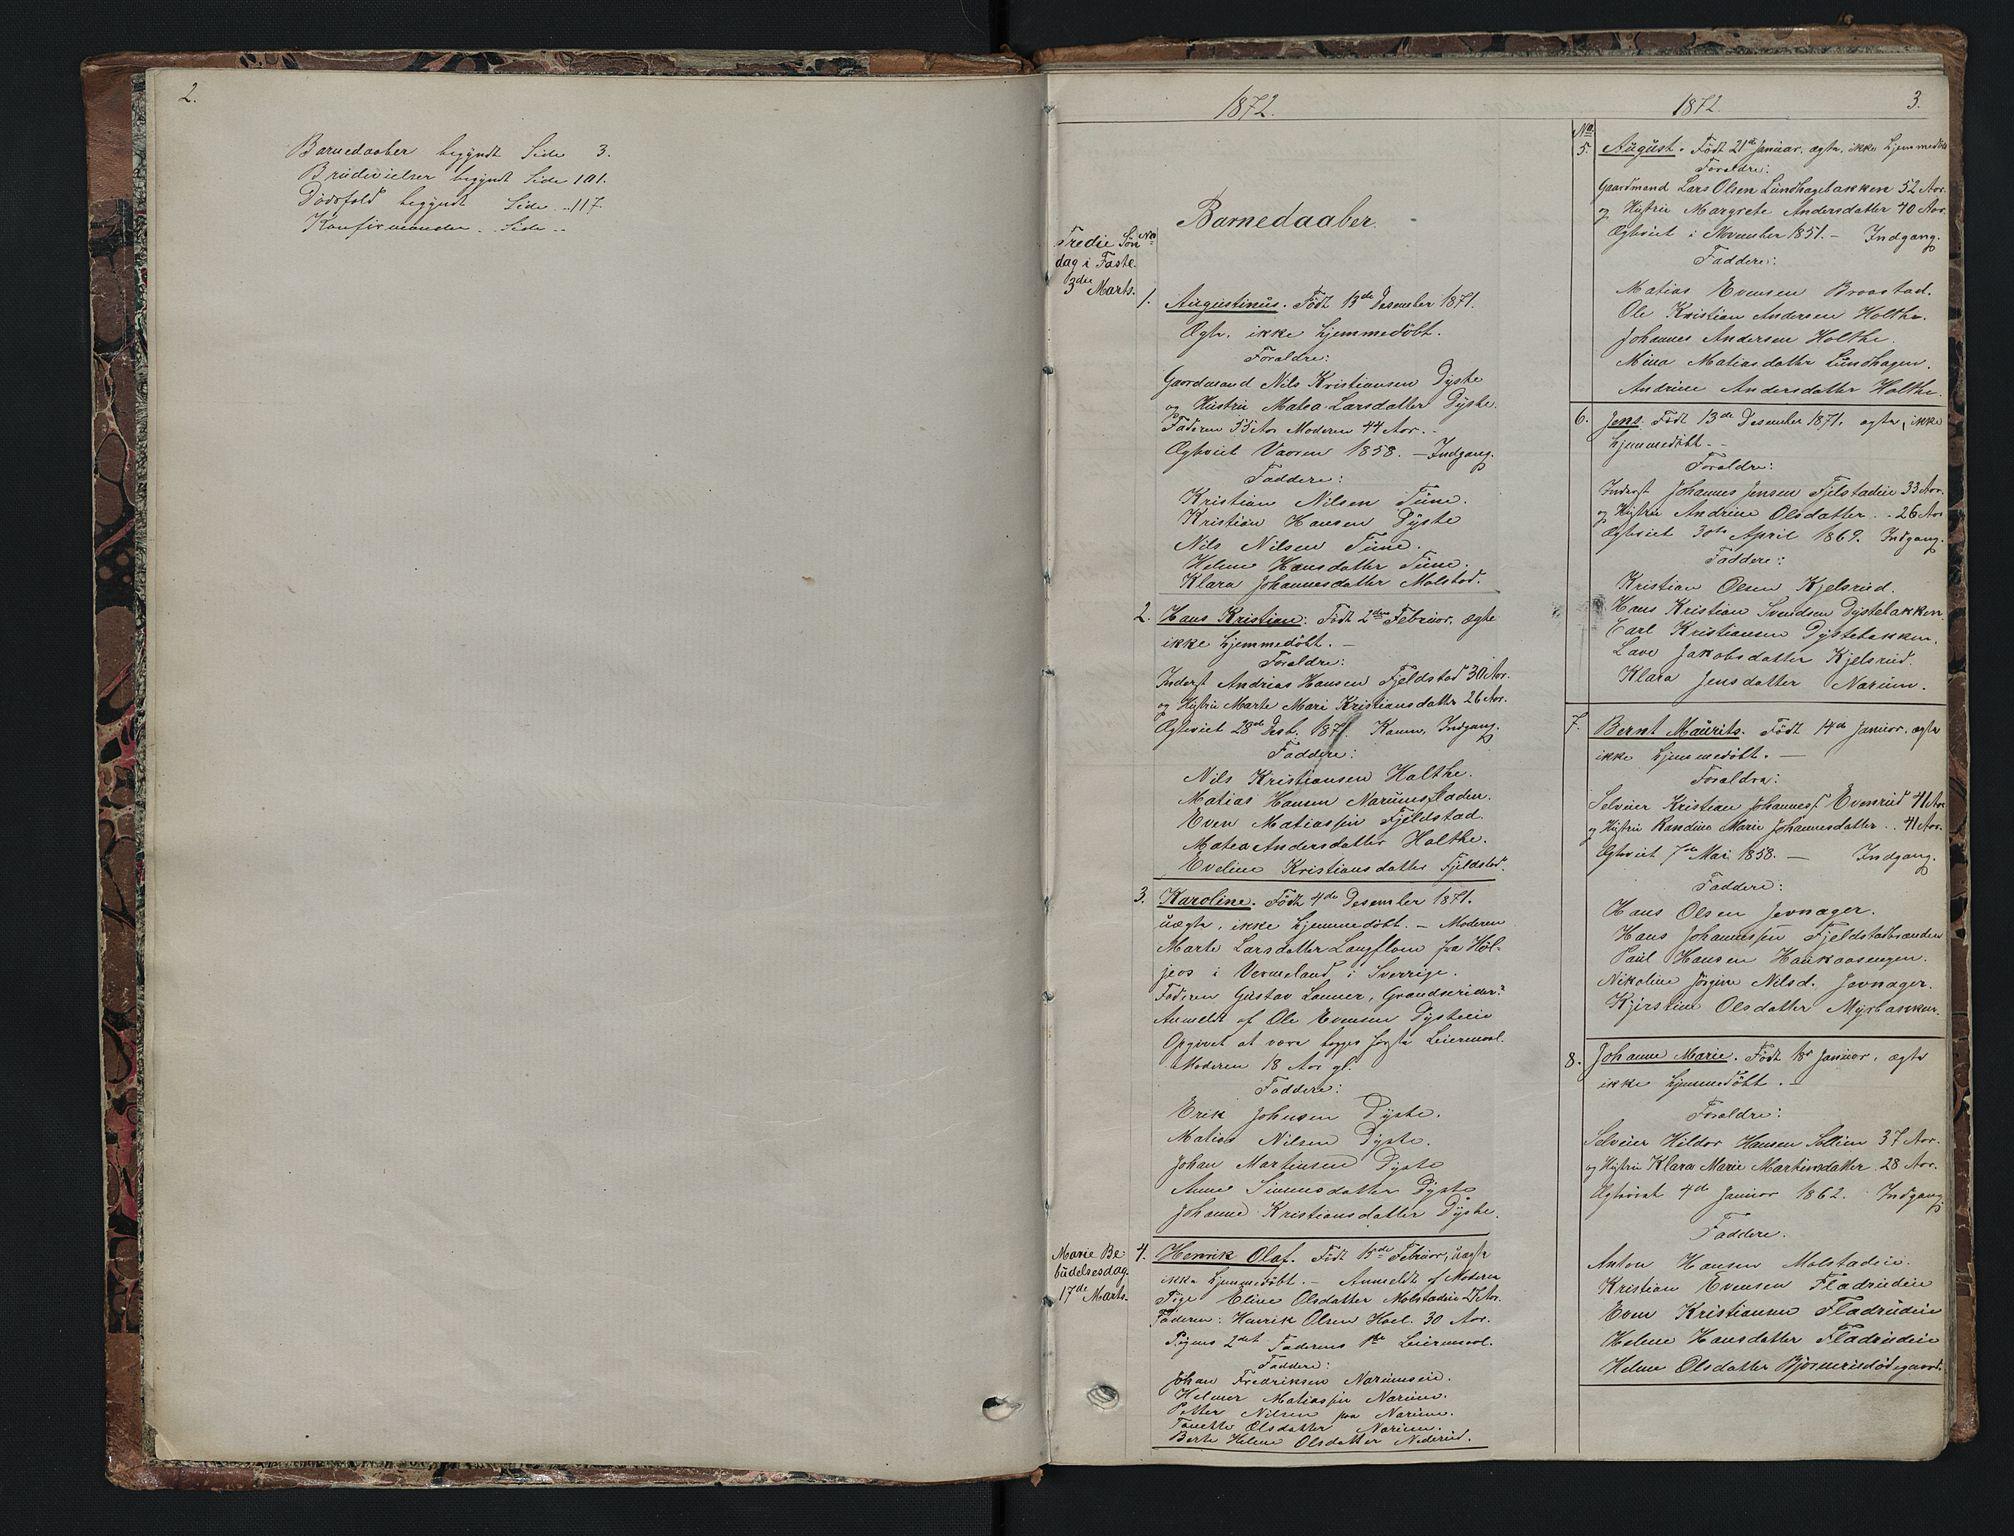 SAH, Vestre Toten prestekontor, Klokkerbok nr. 7, 1872-1900, s. 2-3